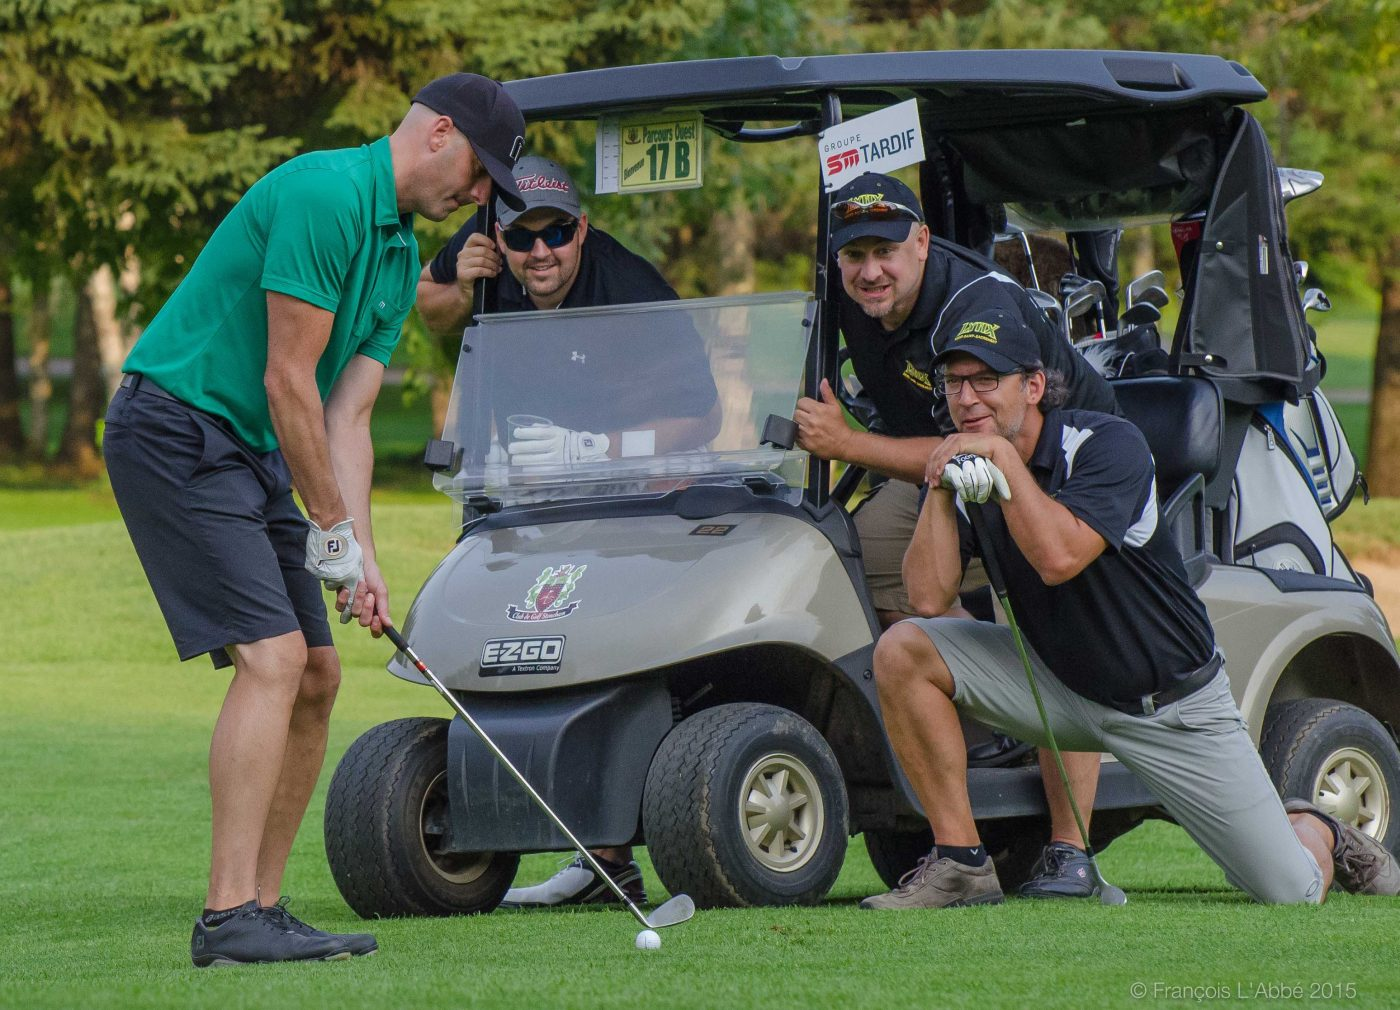 Tournoi de golf de la fondation, édition 2015